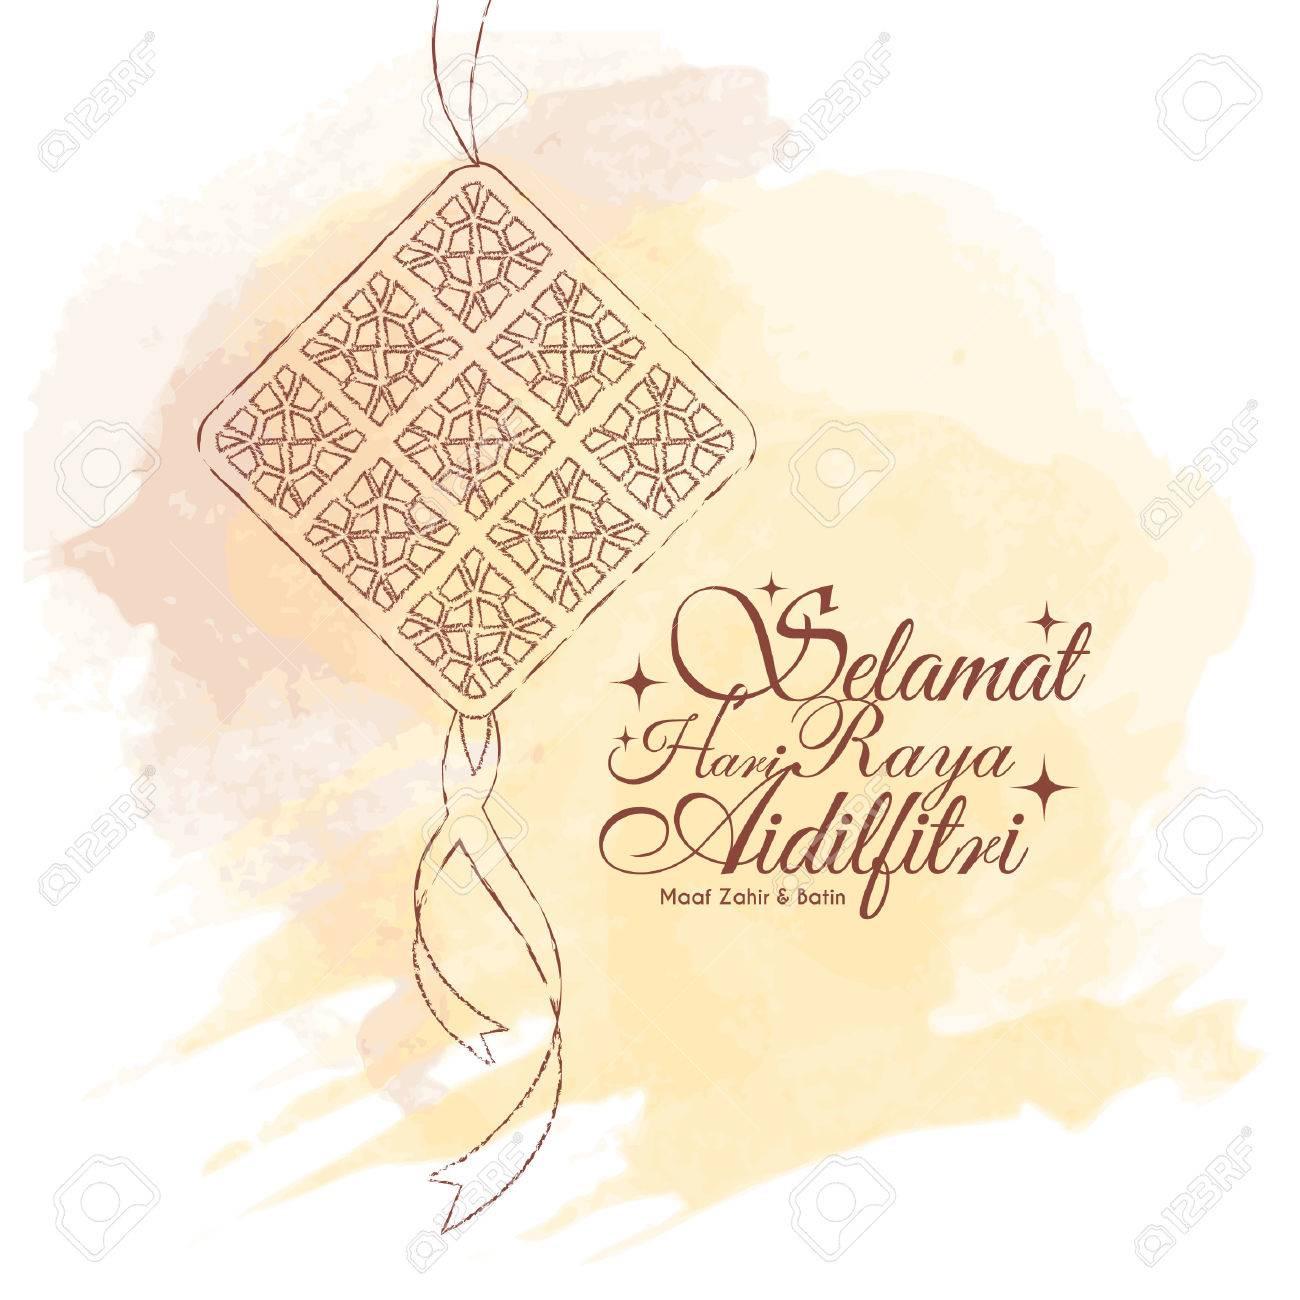 Hari Raya Aidilfitri Greeting Card Template Design Hand Drawn Royalty Free Cliparts Vectors And Stock Illustration Image 80018509